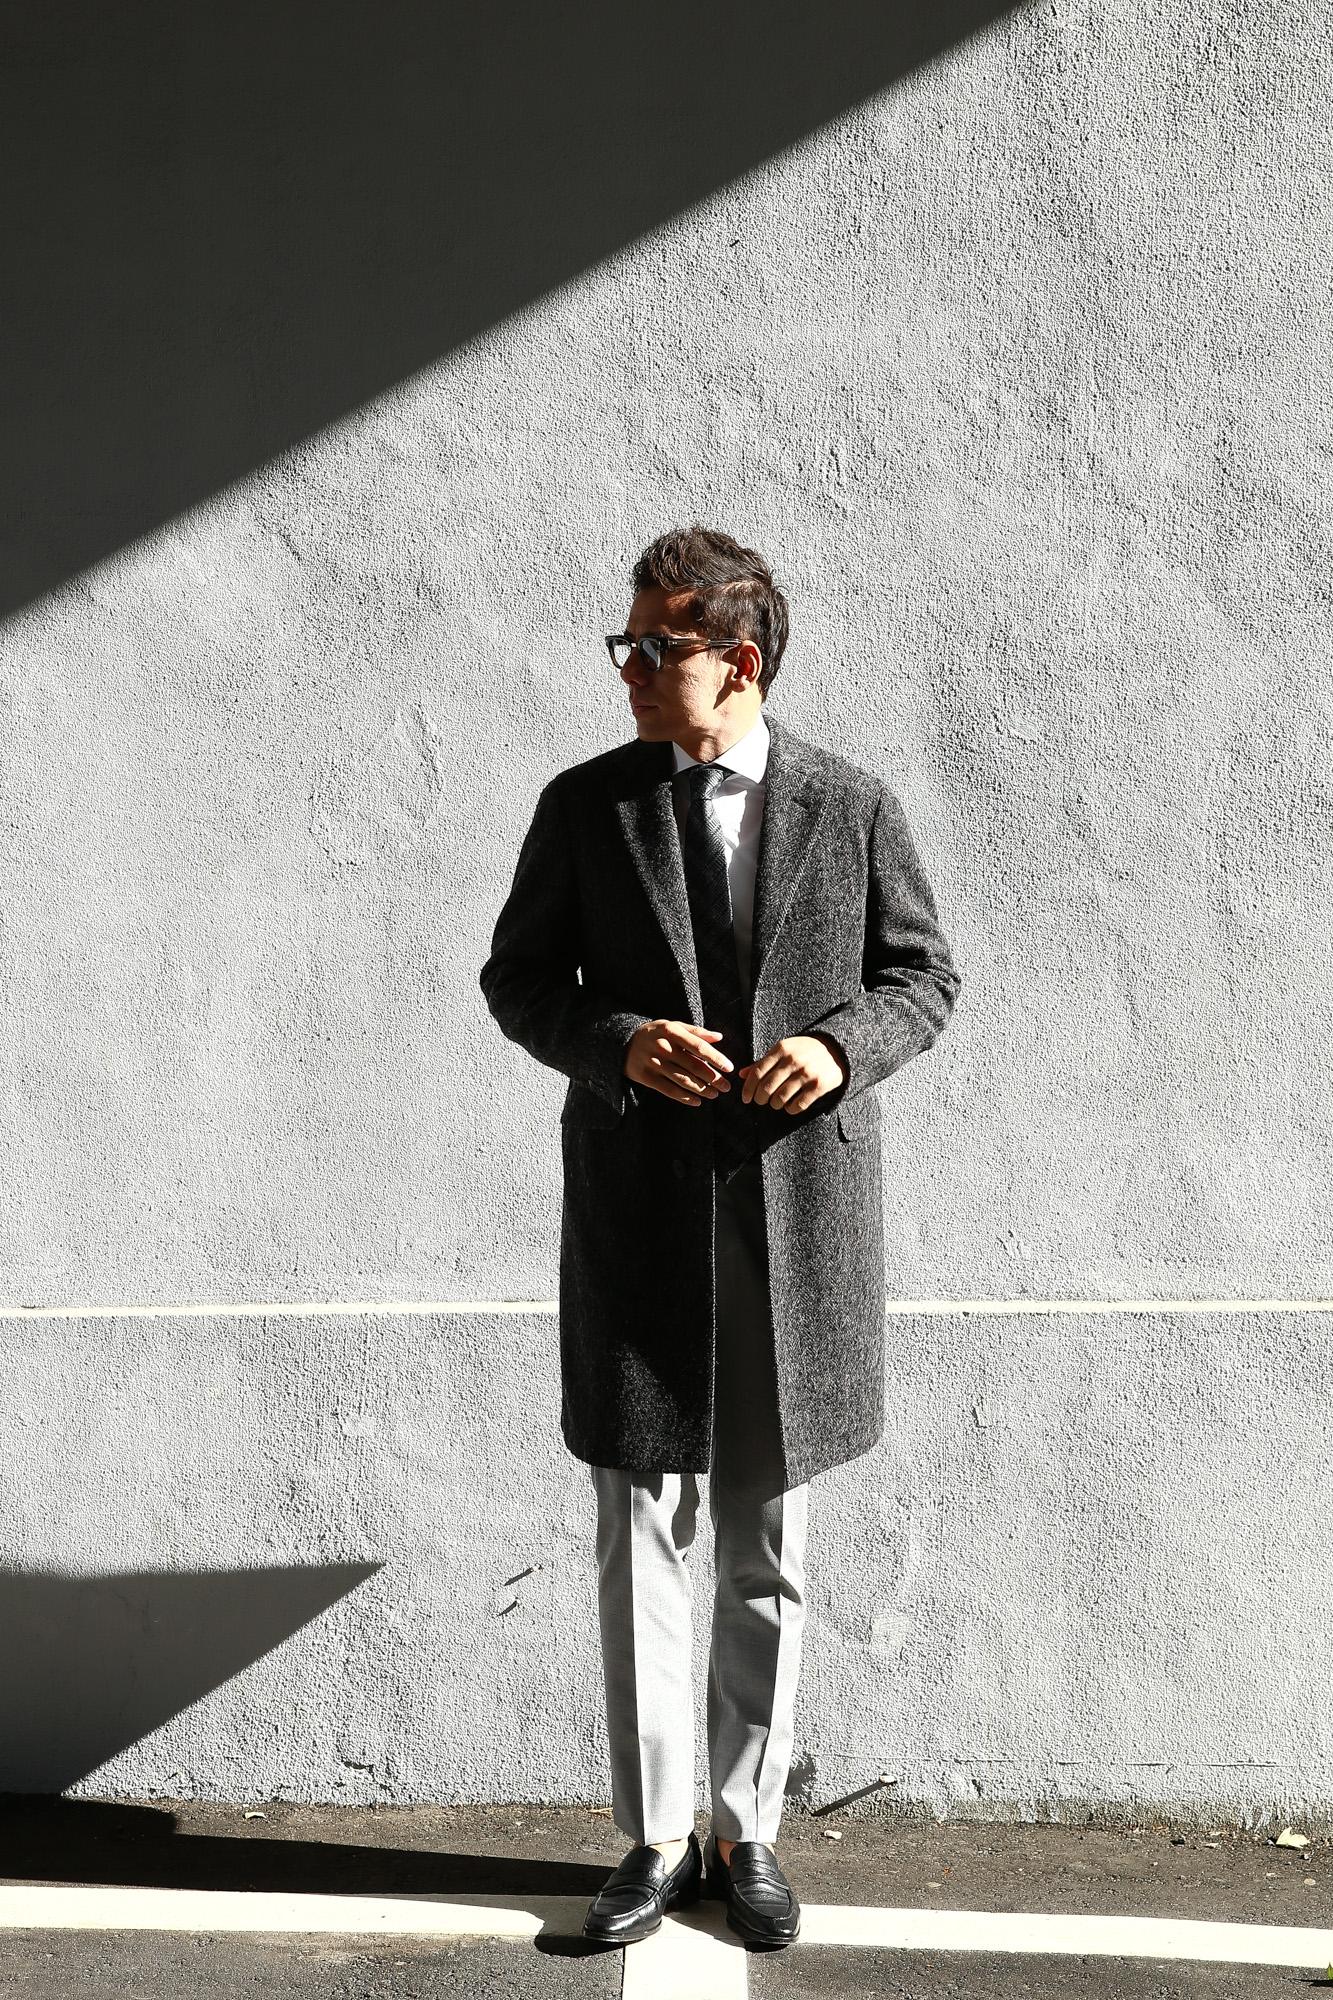 【BOGLIOLI MILANO // ボリオリ ミラノ】 CHESTER COURT (チェスターコート) ヘリンボーン ウール ツイード コート CHARCOAL (チャコール・09) Made in italy (イタリア製) 2017 秋冬新作 boglioli ボリオリ chestercourt 愛知 名古屋 Alto e Diritto アルト エ デリット